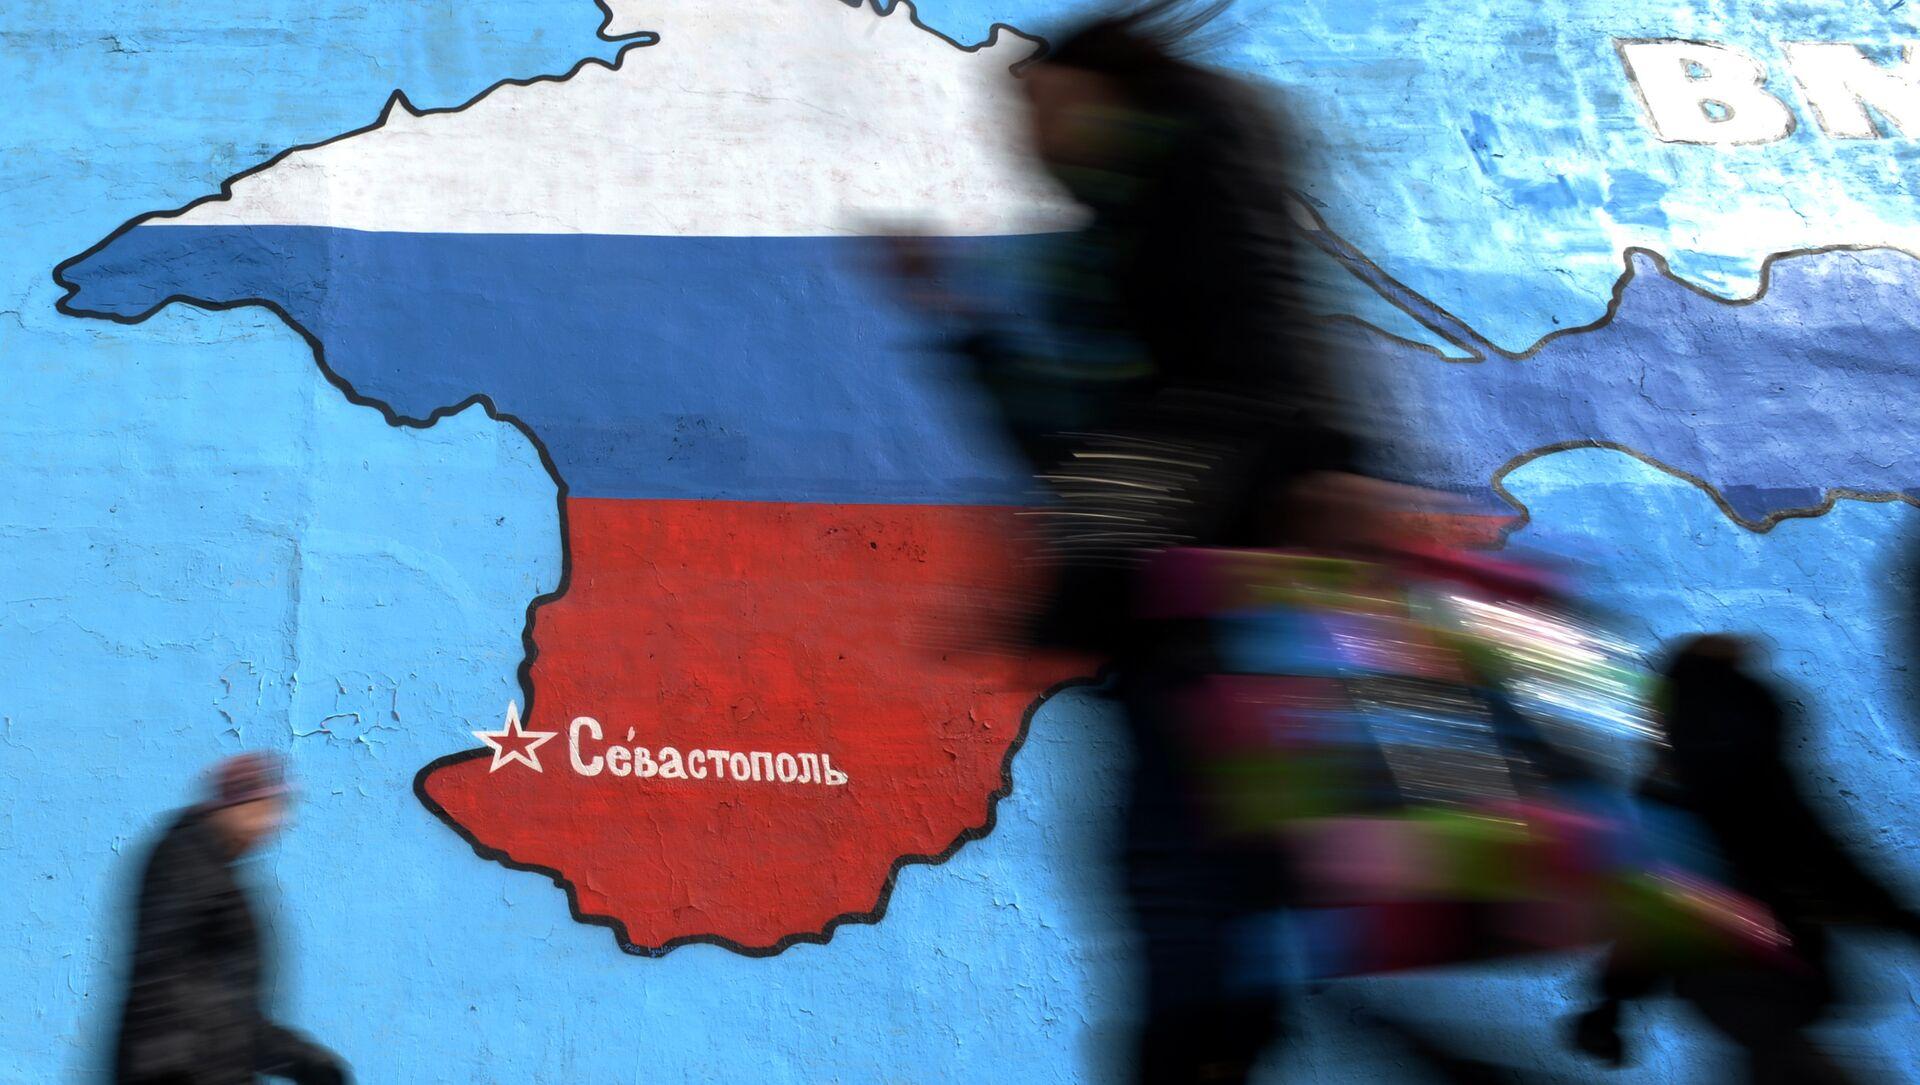 Un graffiti à Moscou représente la Crimée en couleurs du drapeau de Russie. - Sputnik France, 1920, 12.06.2021